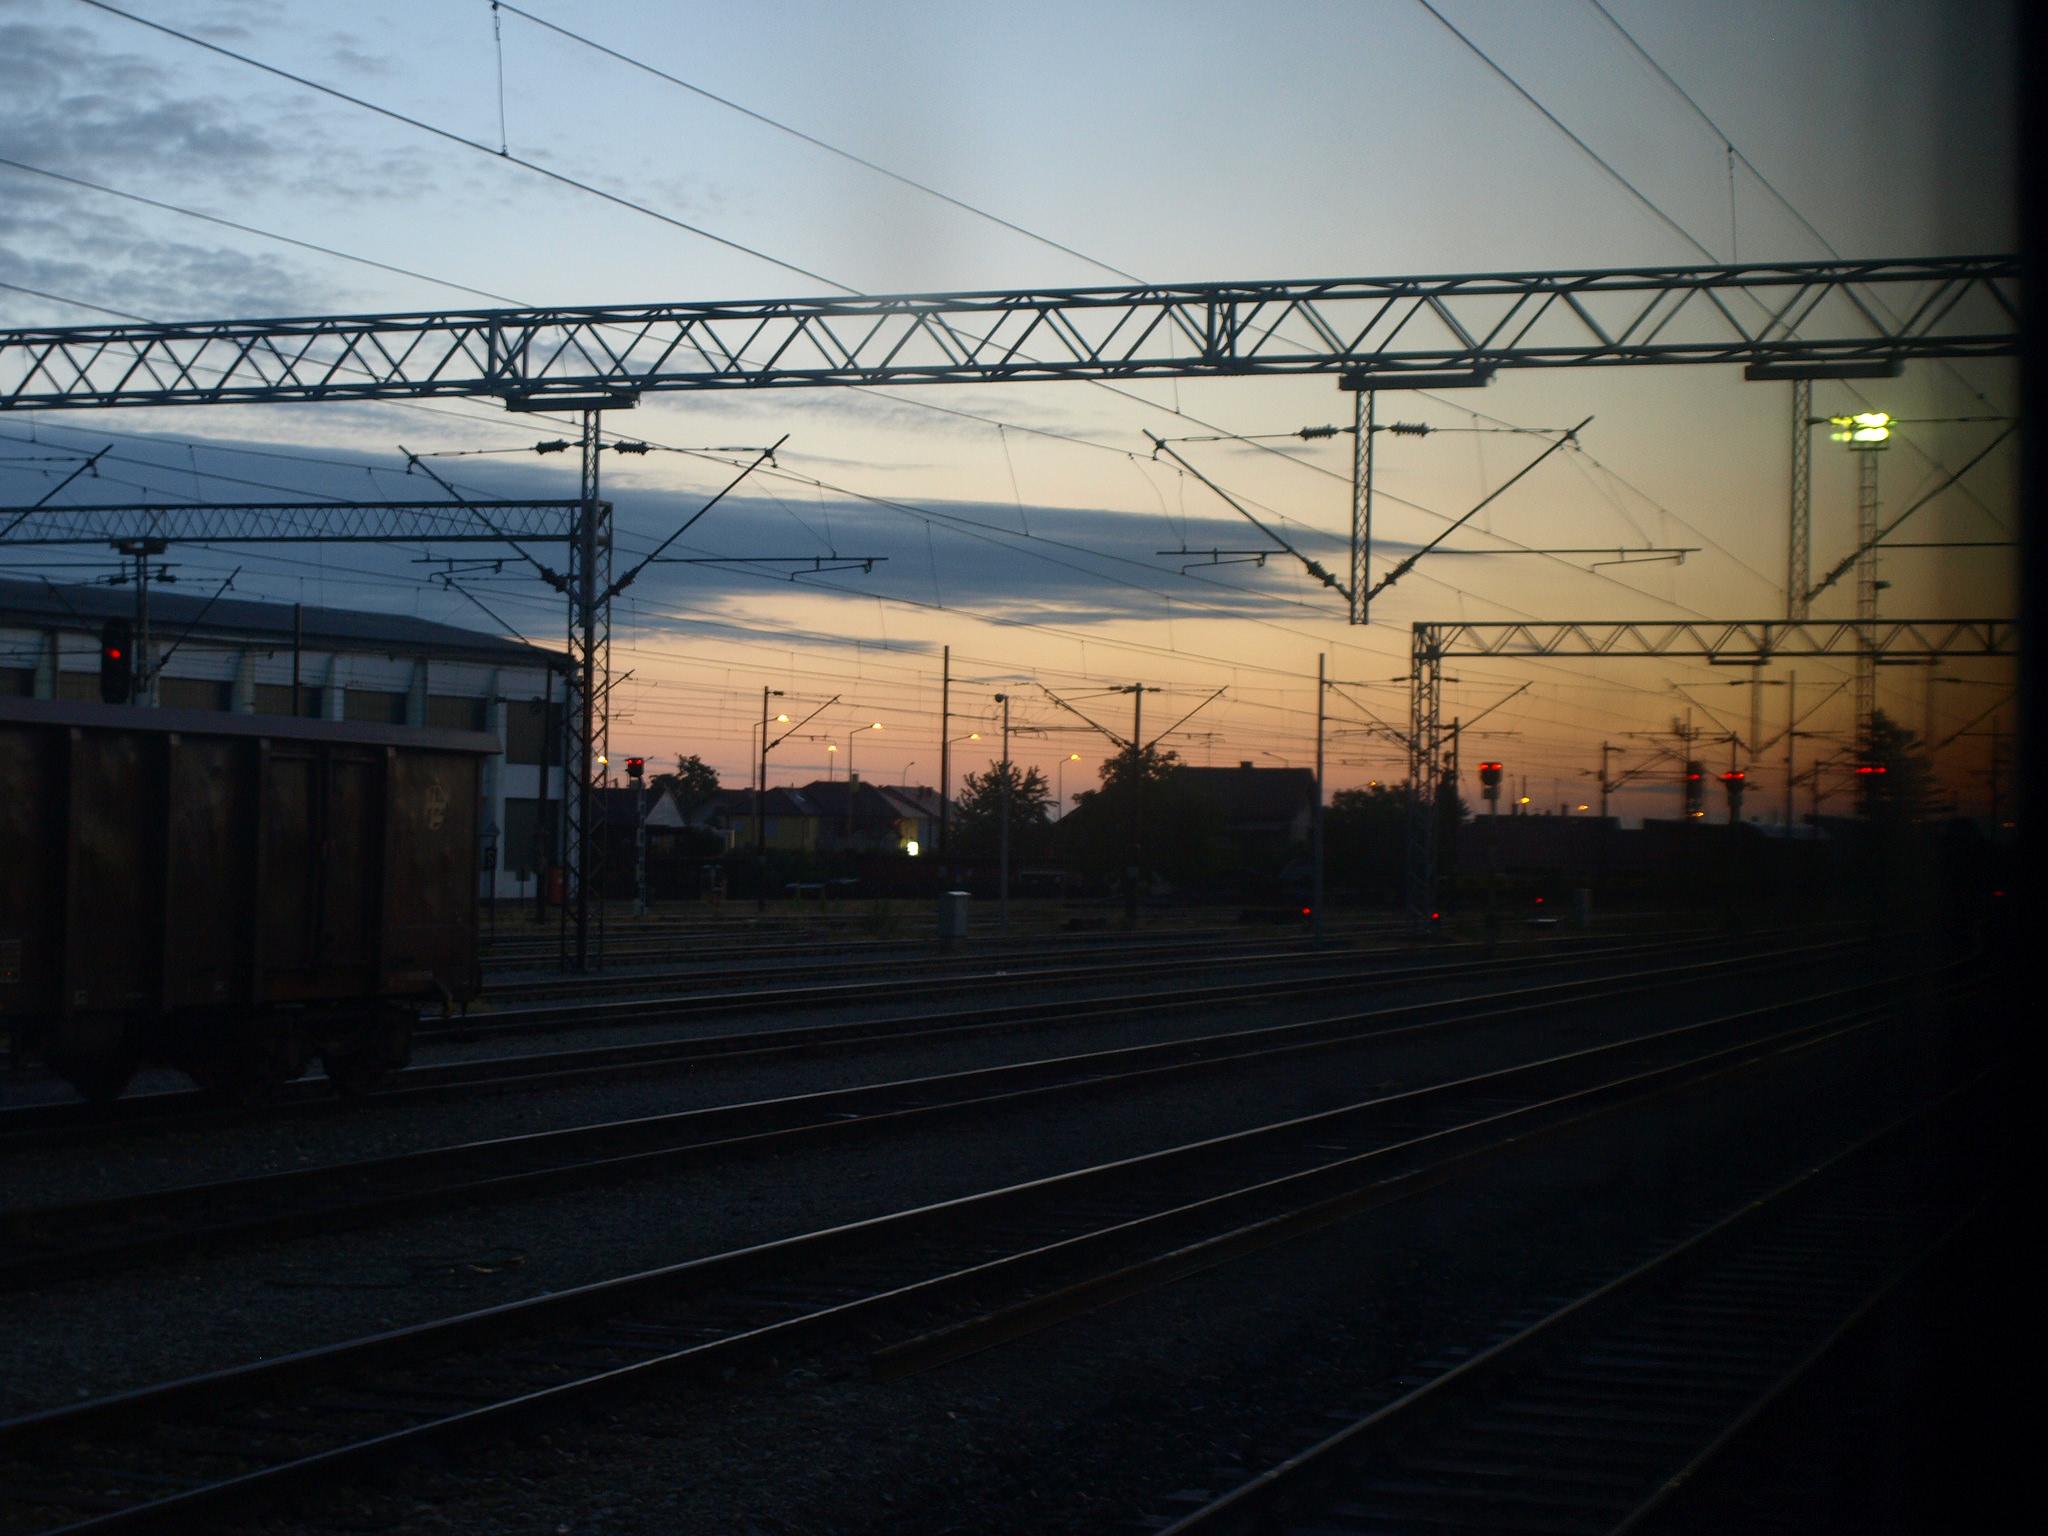 Ve vlaku můžete číst